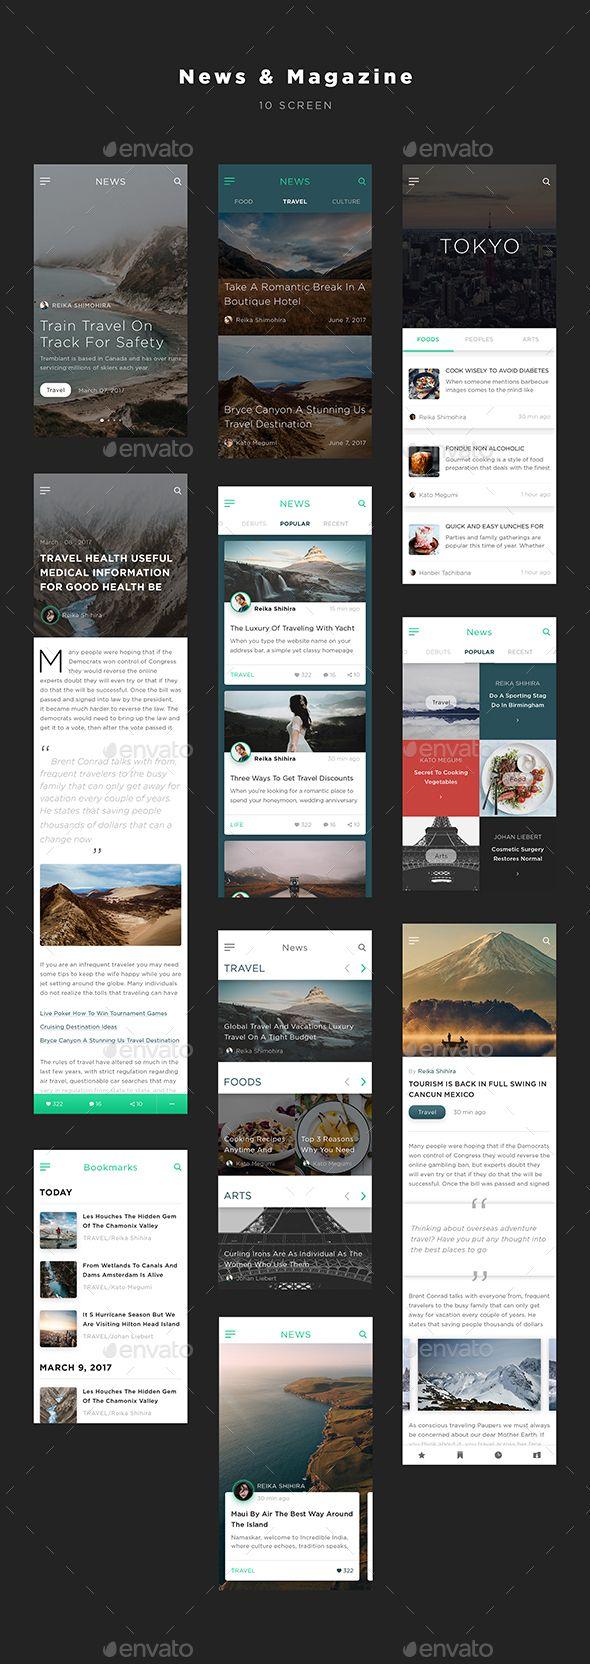 Mugen App UI KIT – News & Magazine - Template PSD